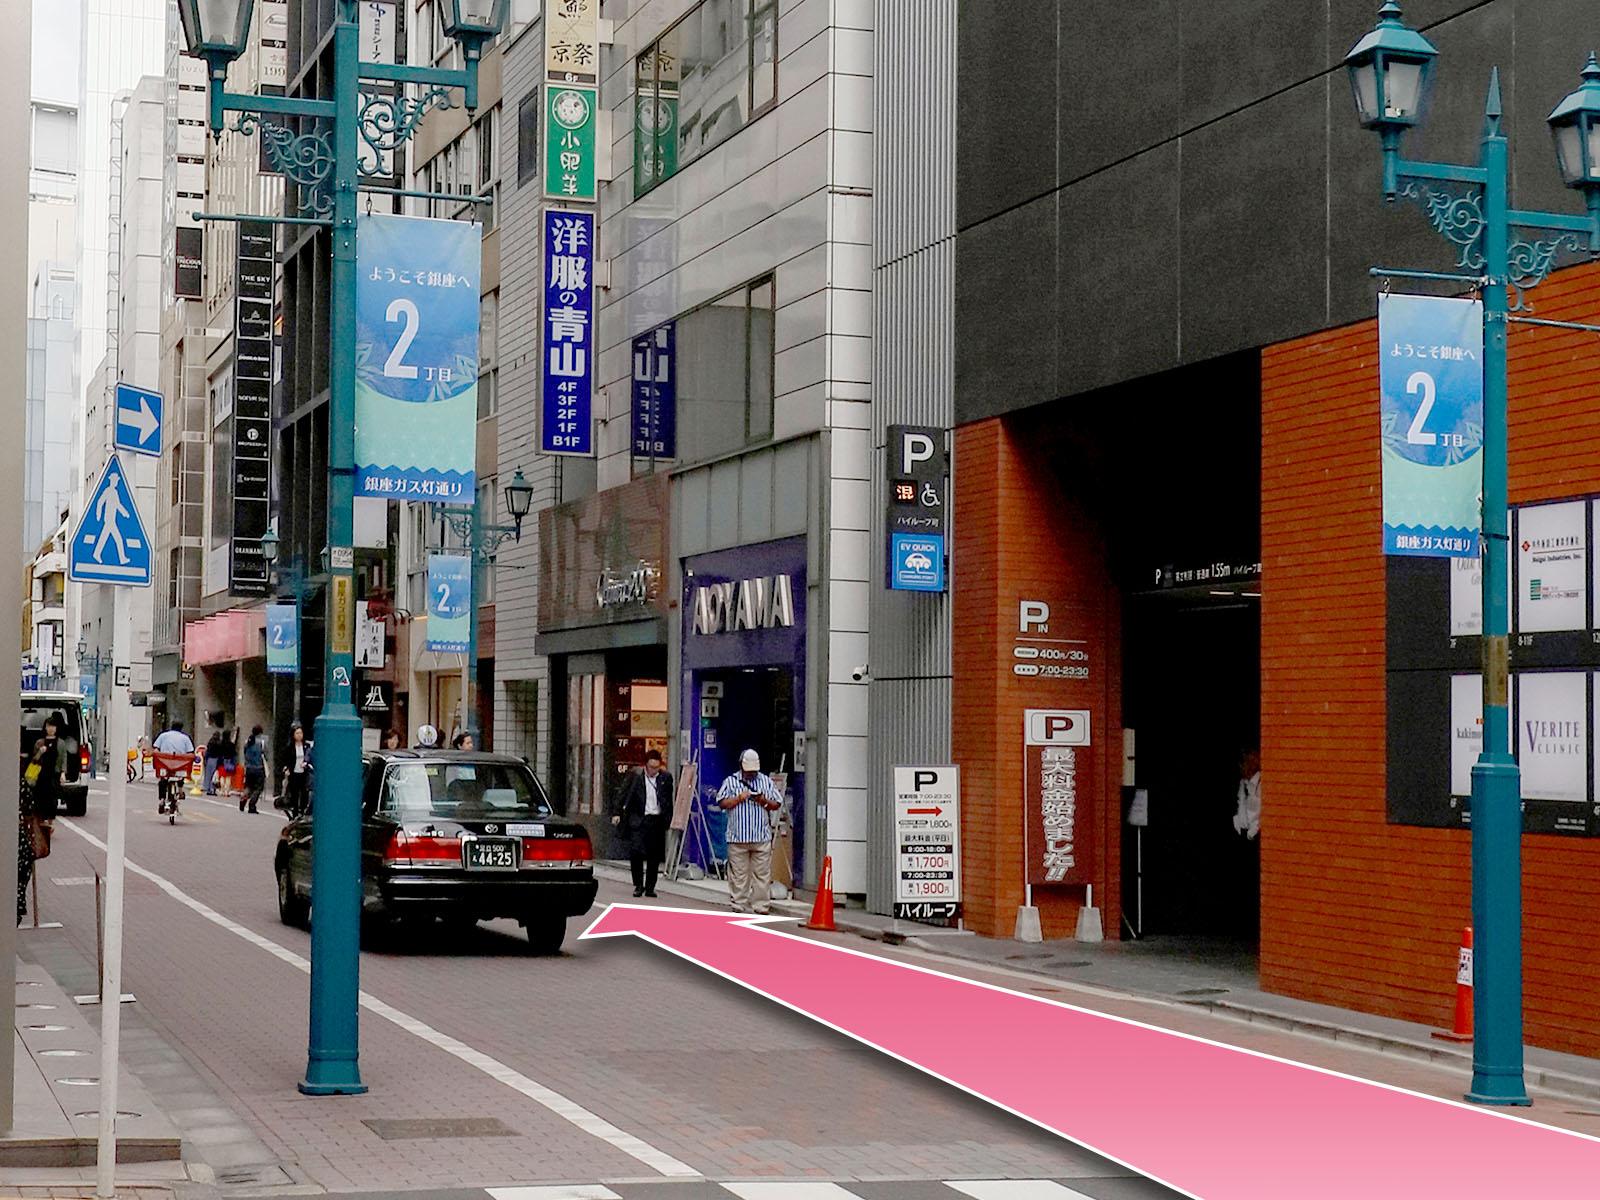 東京中央美容外科銀座二丁目院東京メトロ銀座一丁目駅ルート05